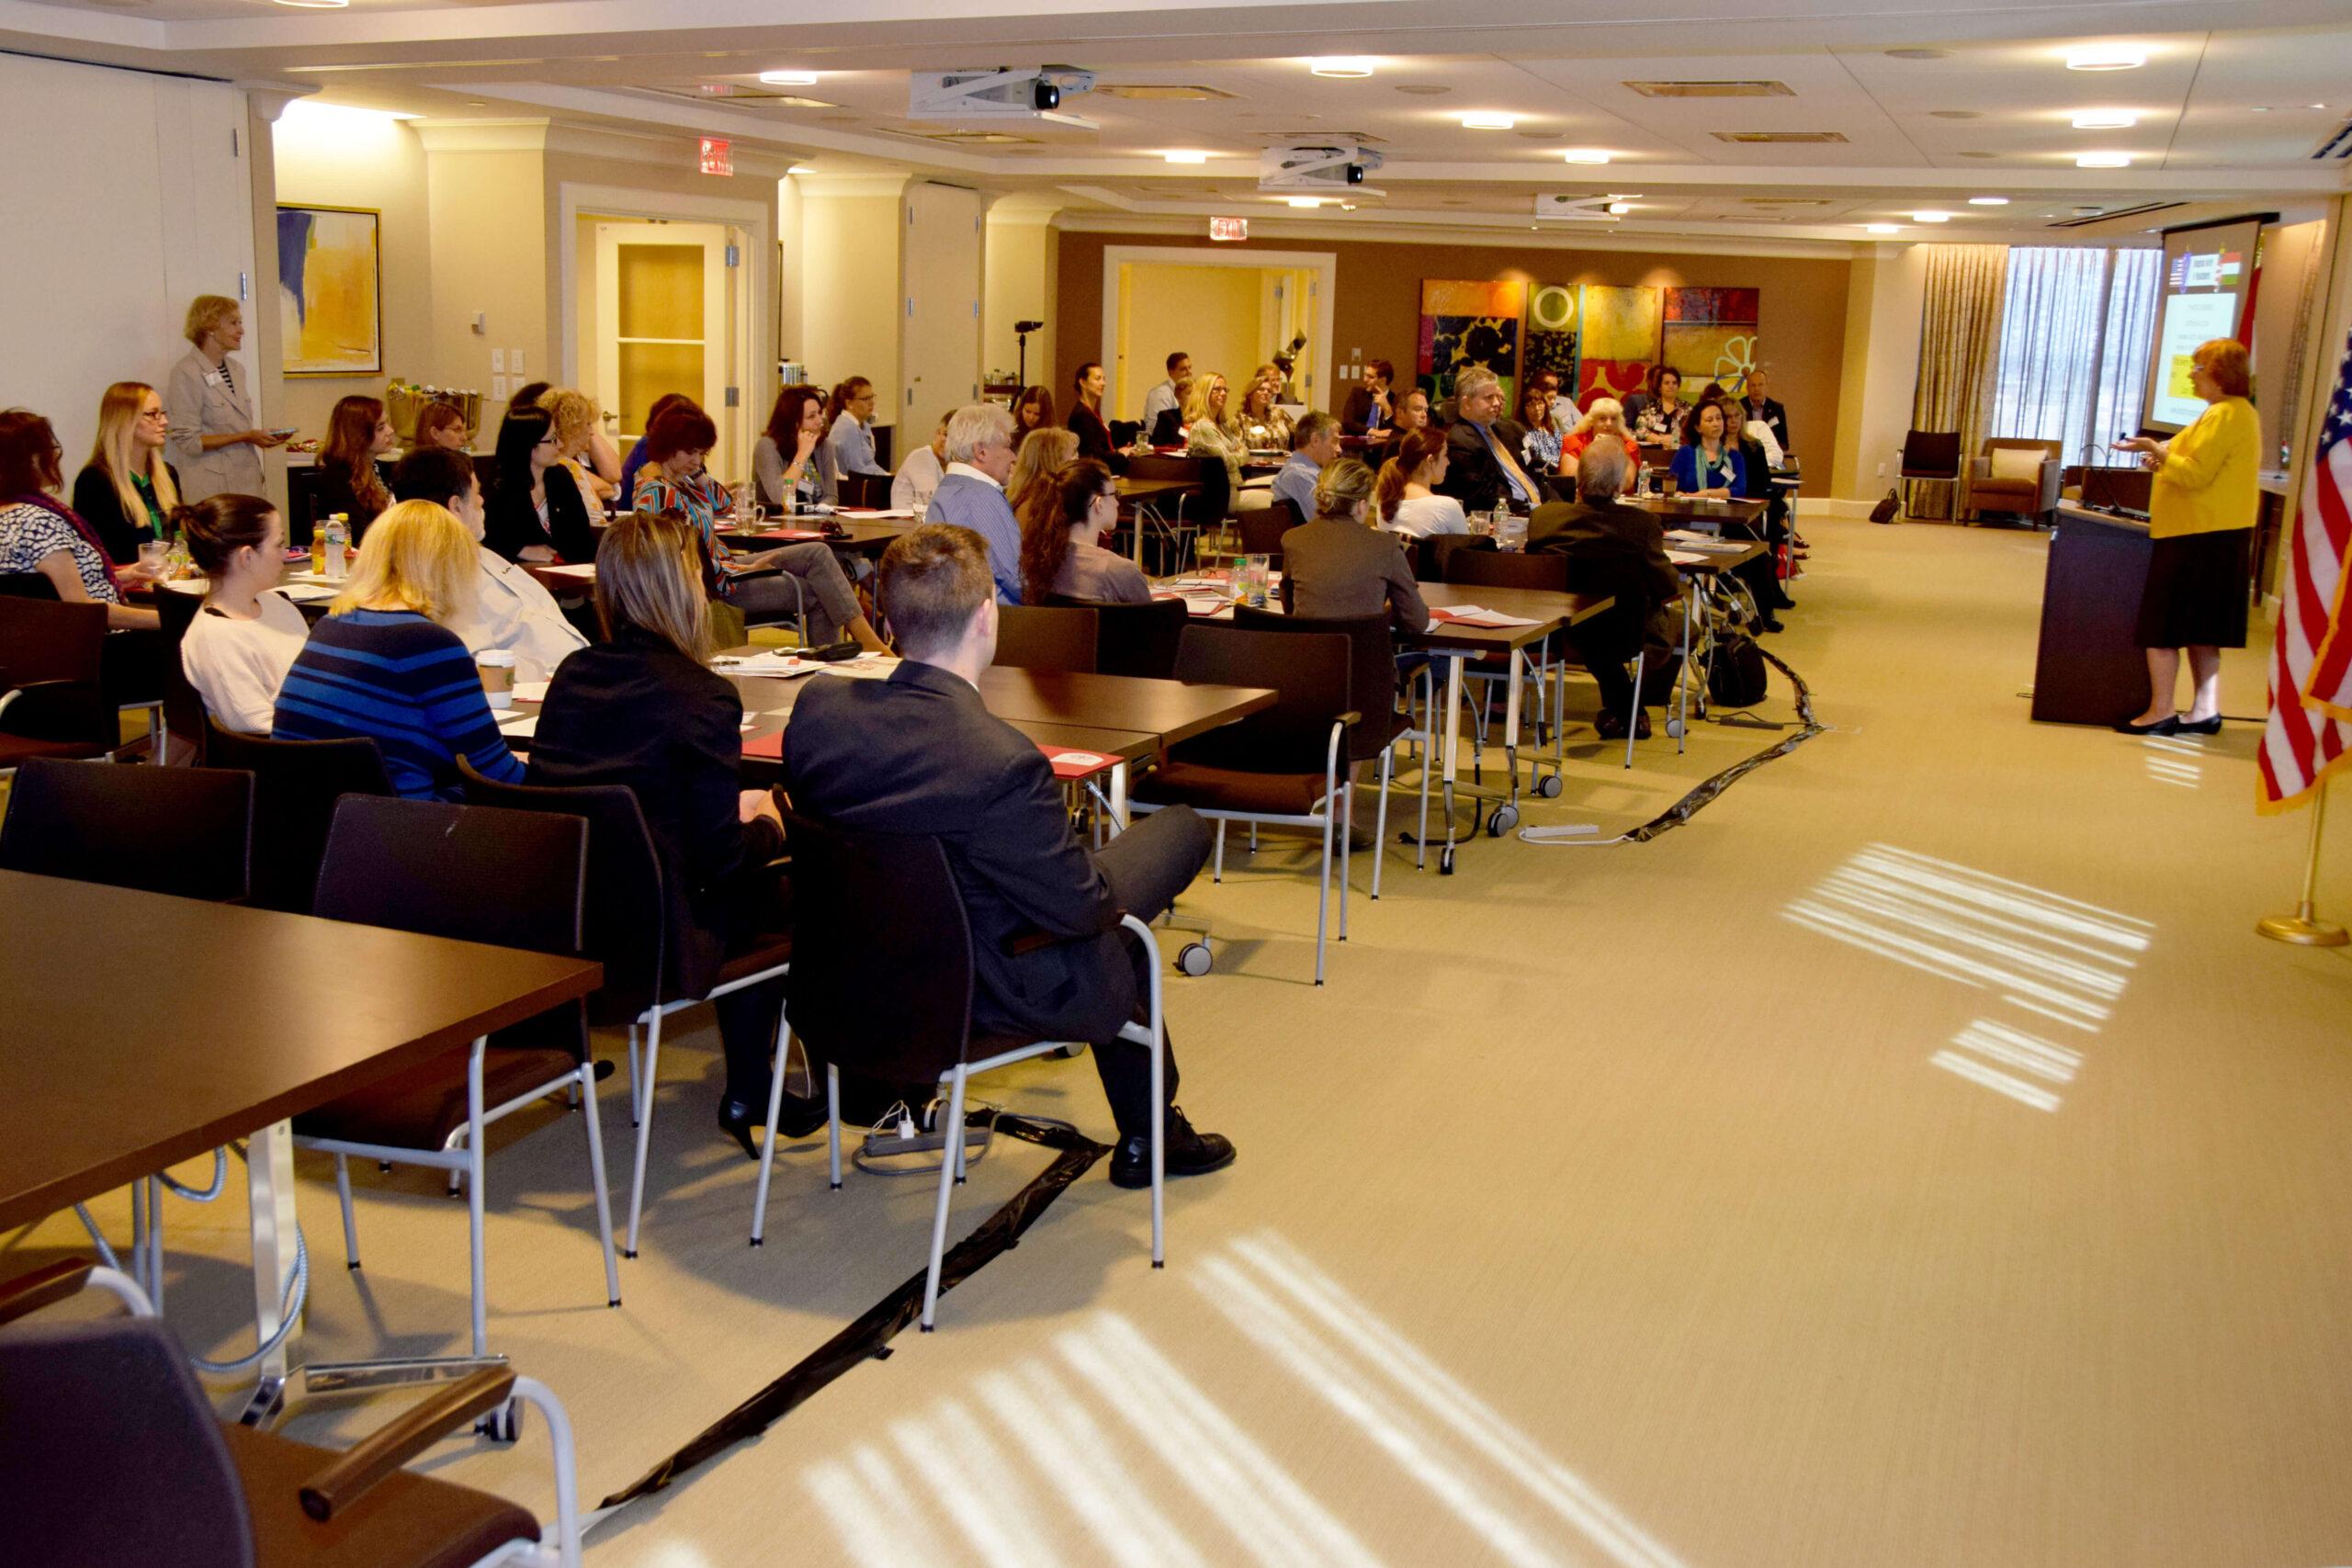 Dr. Ágnes Virga's presentation